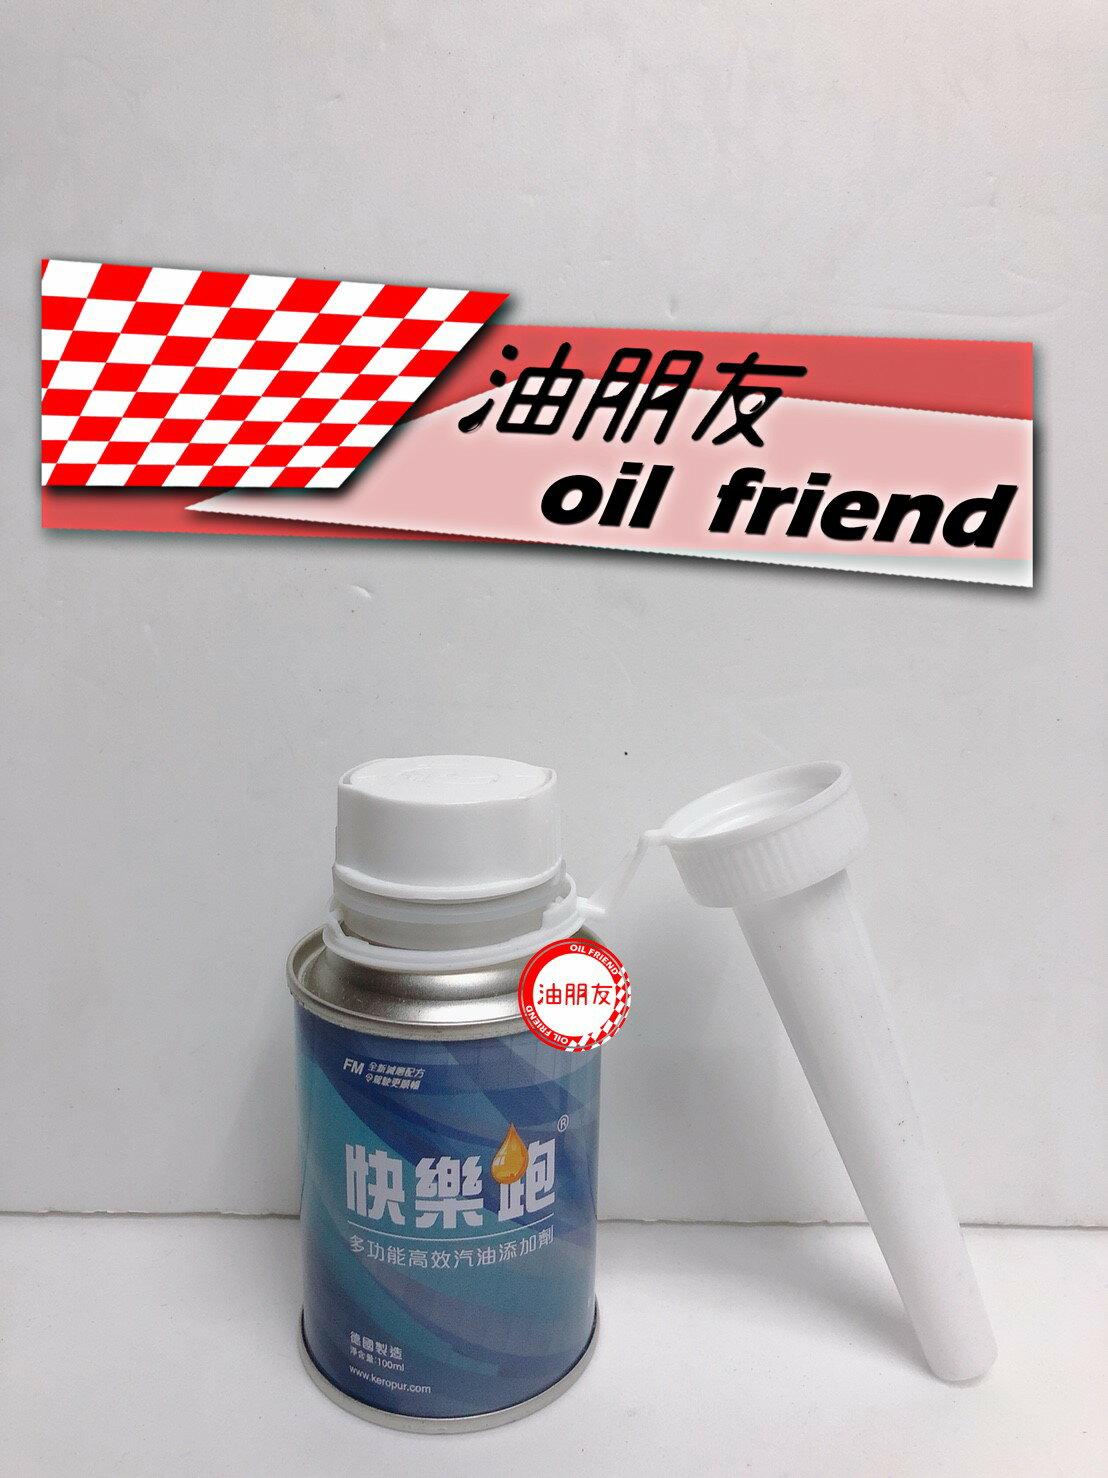 -油朋友- 油朋友 賓士 BMW 鐵罐 BASF Keropur 德國 巴斯夫 快樂跑 汽油添加劑 汽油精